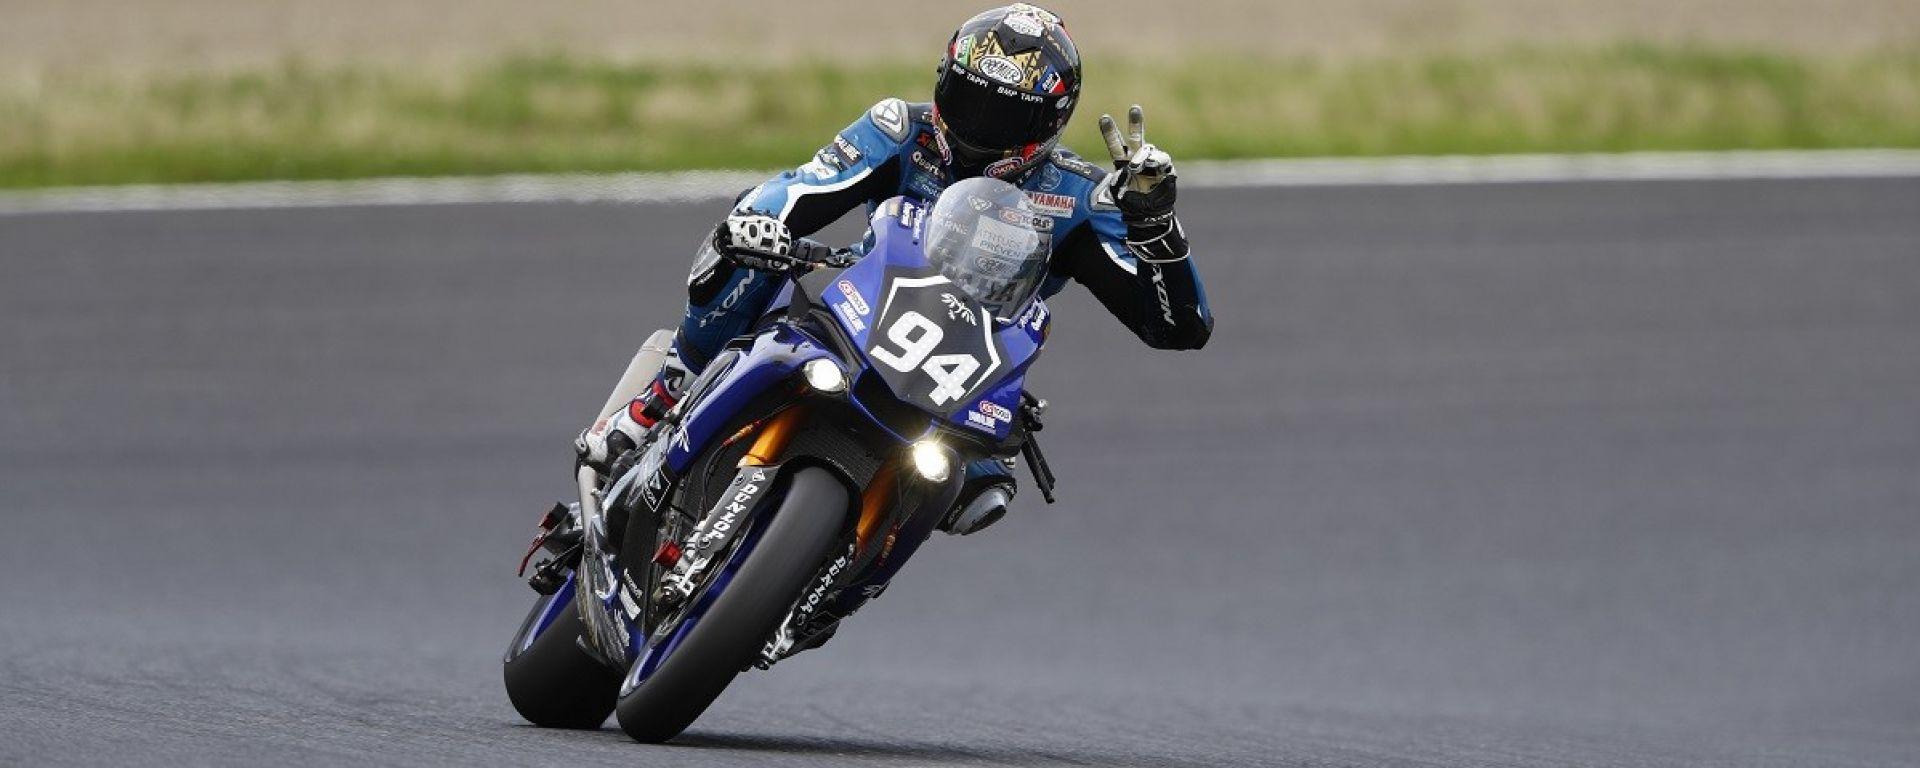 Niccolò Canepa Campione del Mondo Endurance